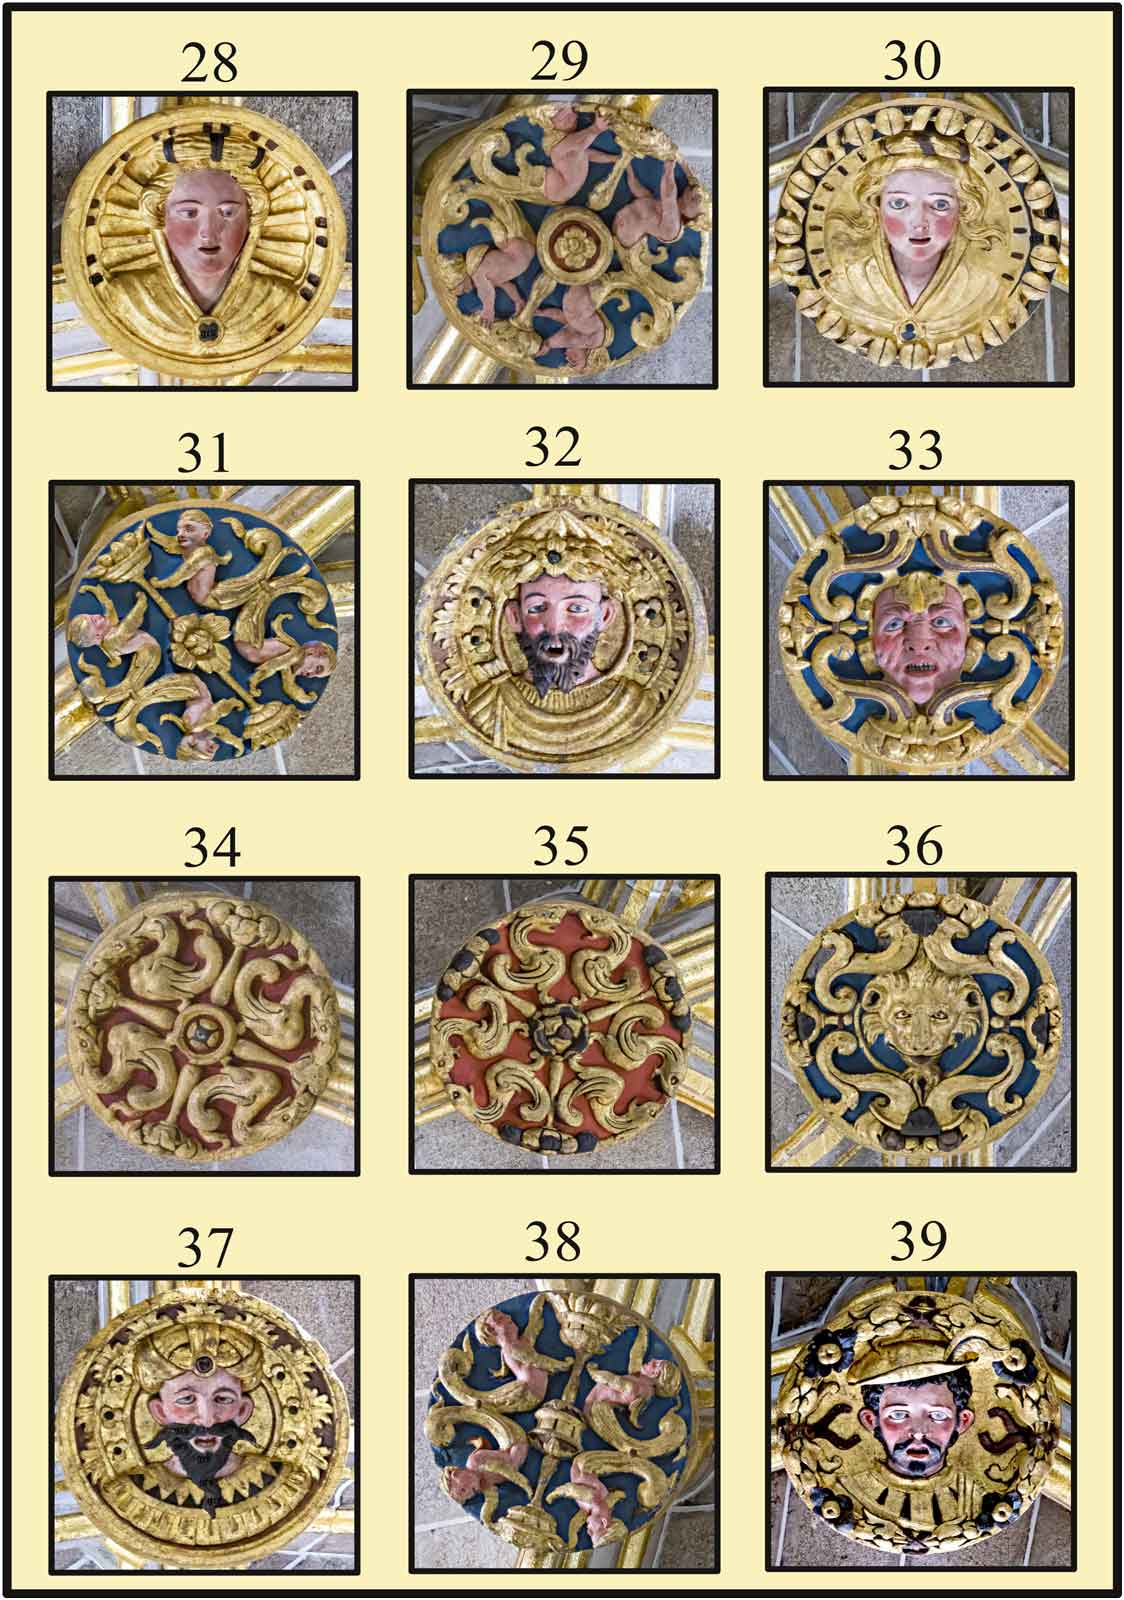 Catedral Nueva Dorada  Claves policromadas del crucero de la Catedral de Plasencia Probable imagen del Principe Carlos hijo de Felipe II autentico sicopata